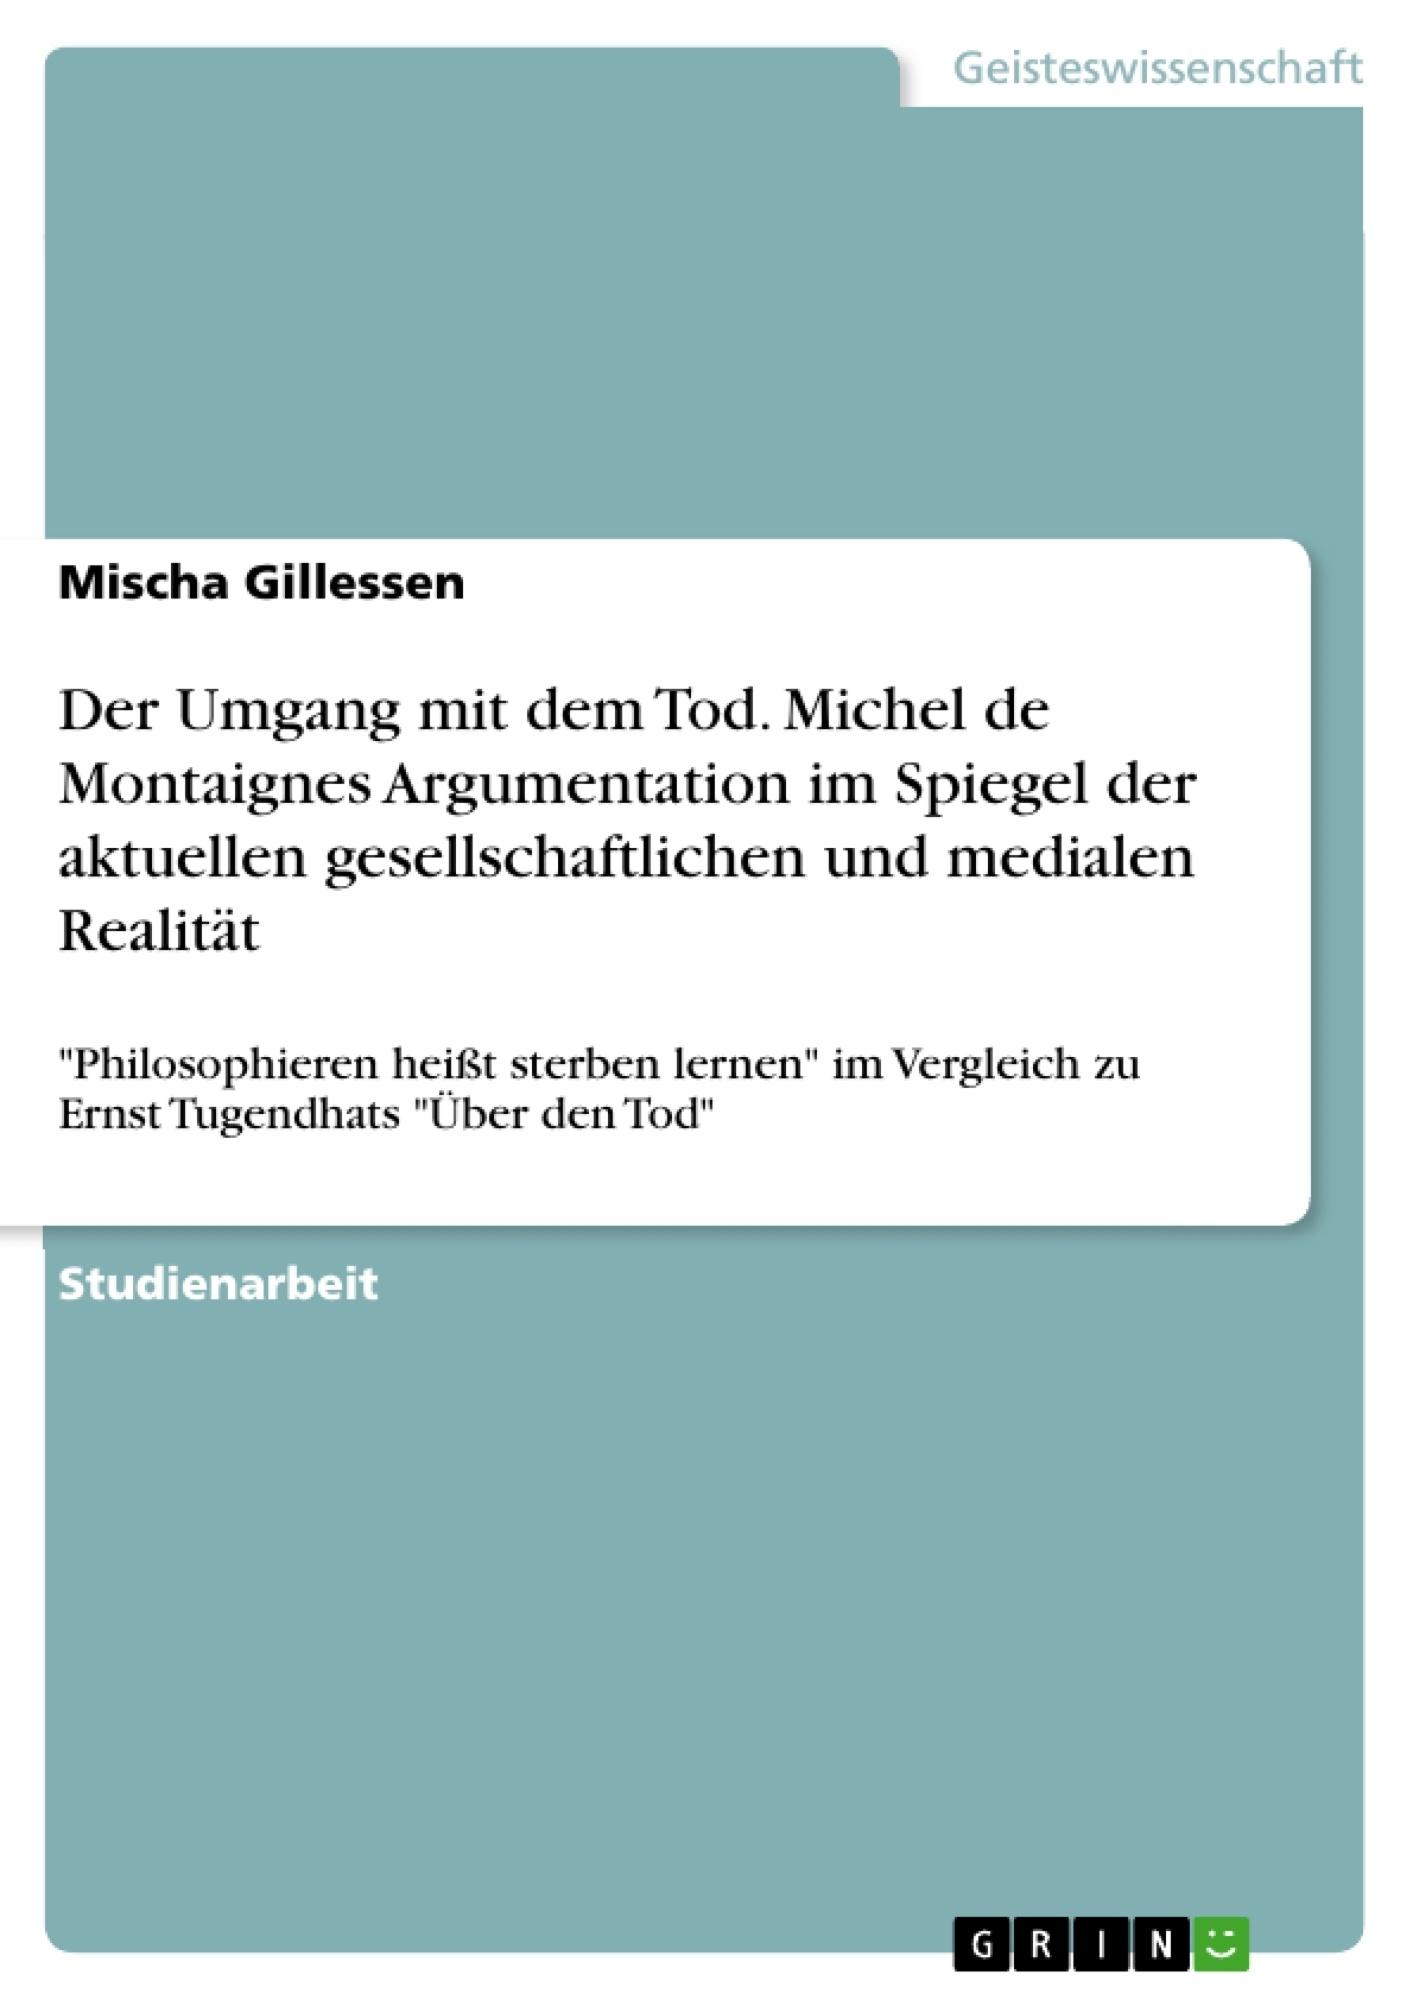 Titel: Der Umgang mit dem Tod. Michel de Montaignes Argumentation im Spiegel der aktuellen gesellschaftlichen und medialen Realität